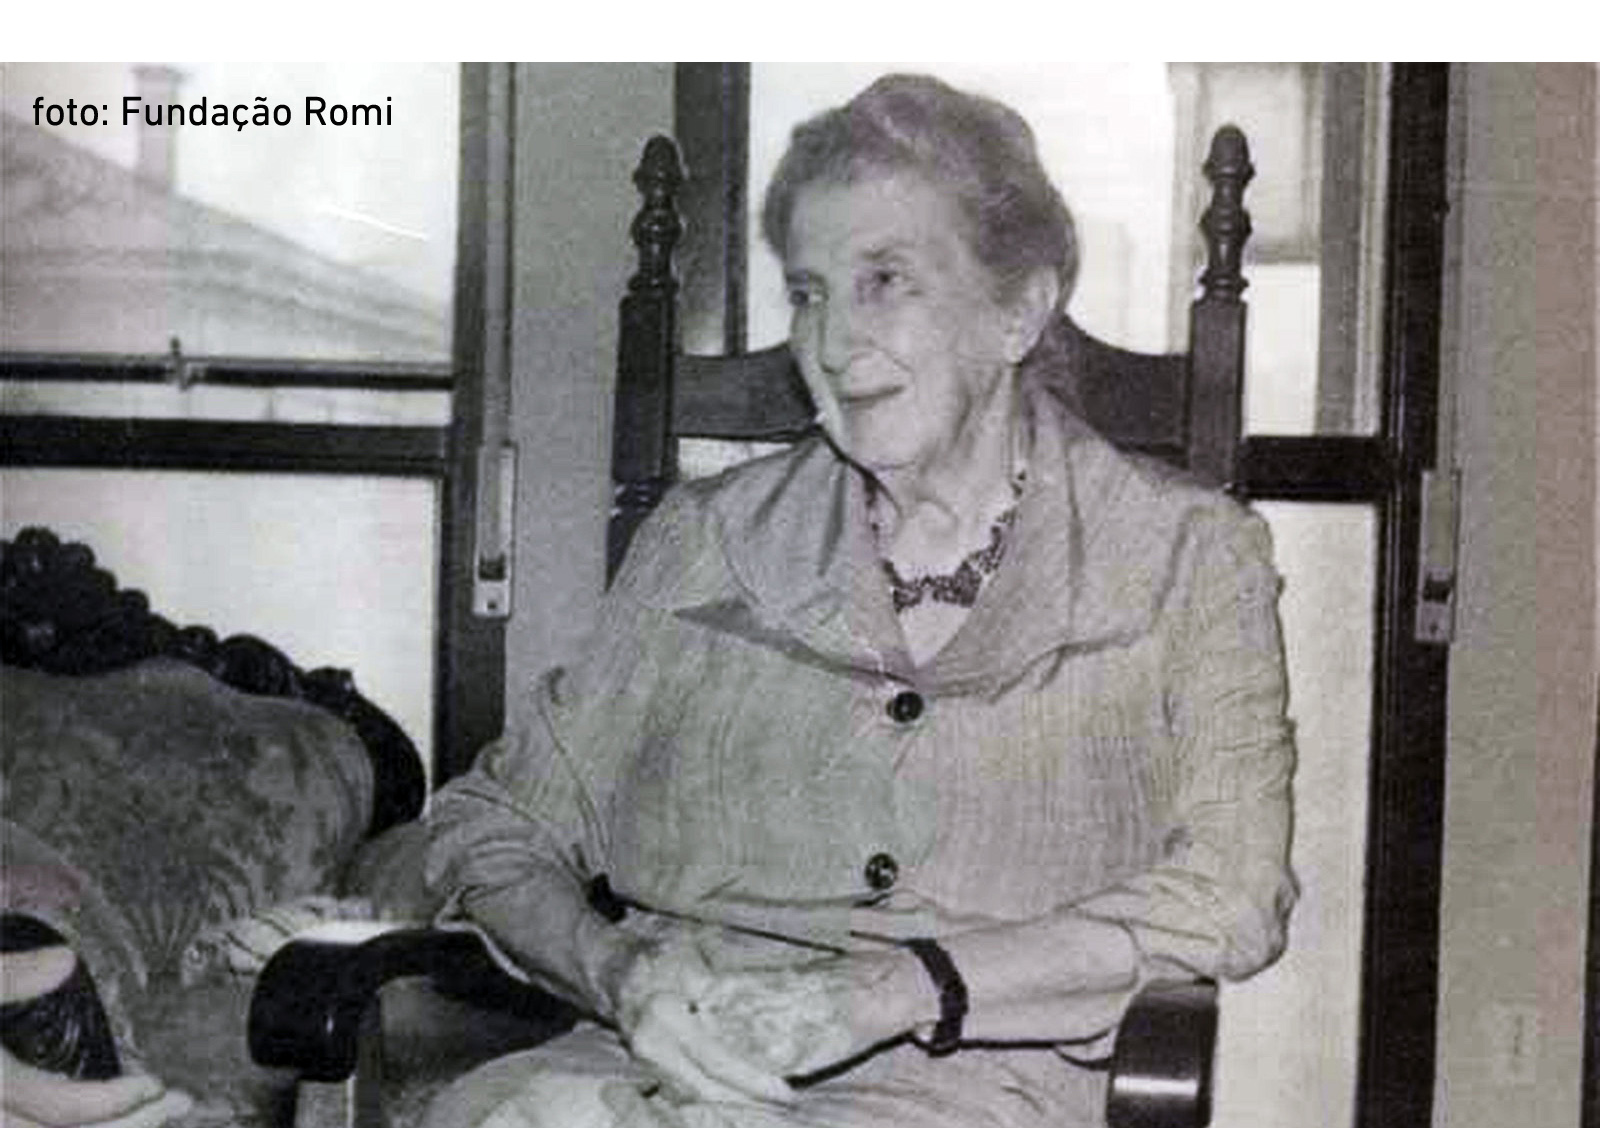 Descrição da imagem: foto em preto e branco de Pérola Byington sentada em uma cadeira de madeira escura. Ela tem cabelos grisalhos, usa casaco de botões, tem as mãos juntas sobre as pernas e sorri.